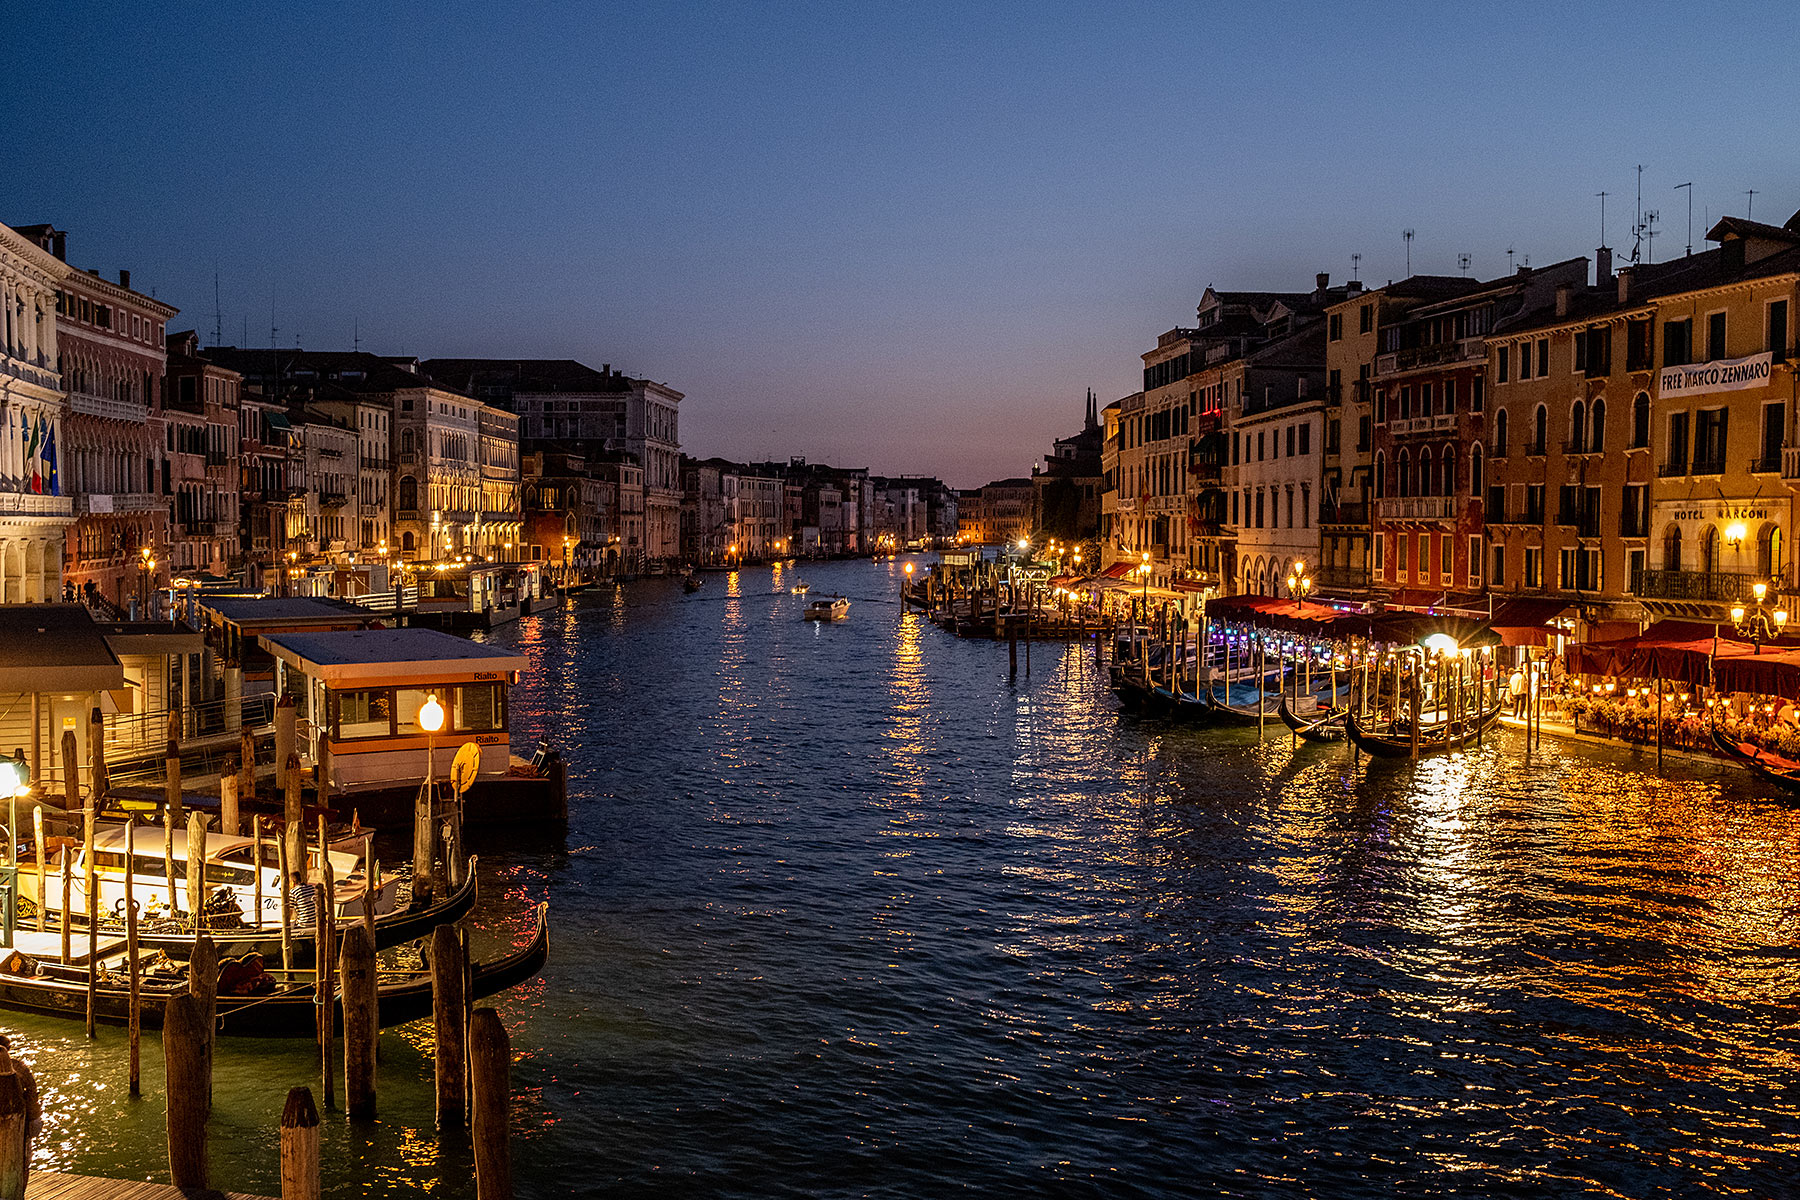 abend venedig canal grande abendstimmung travel blog sunnyinga